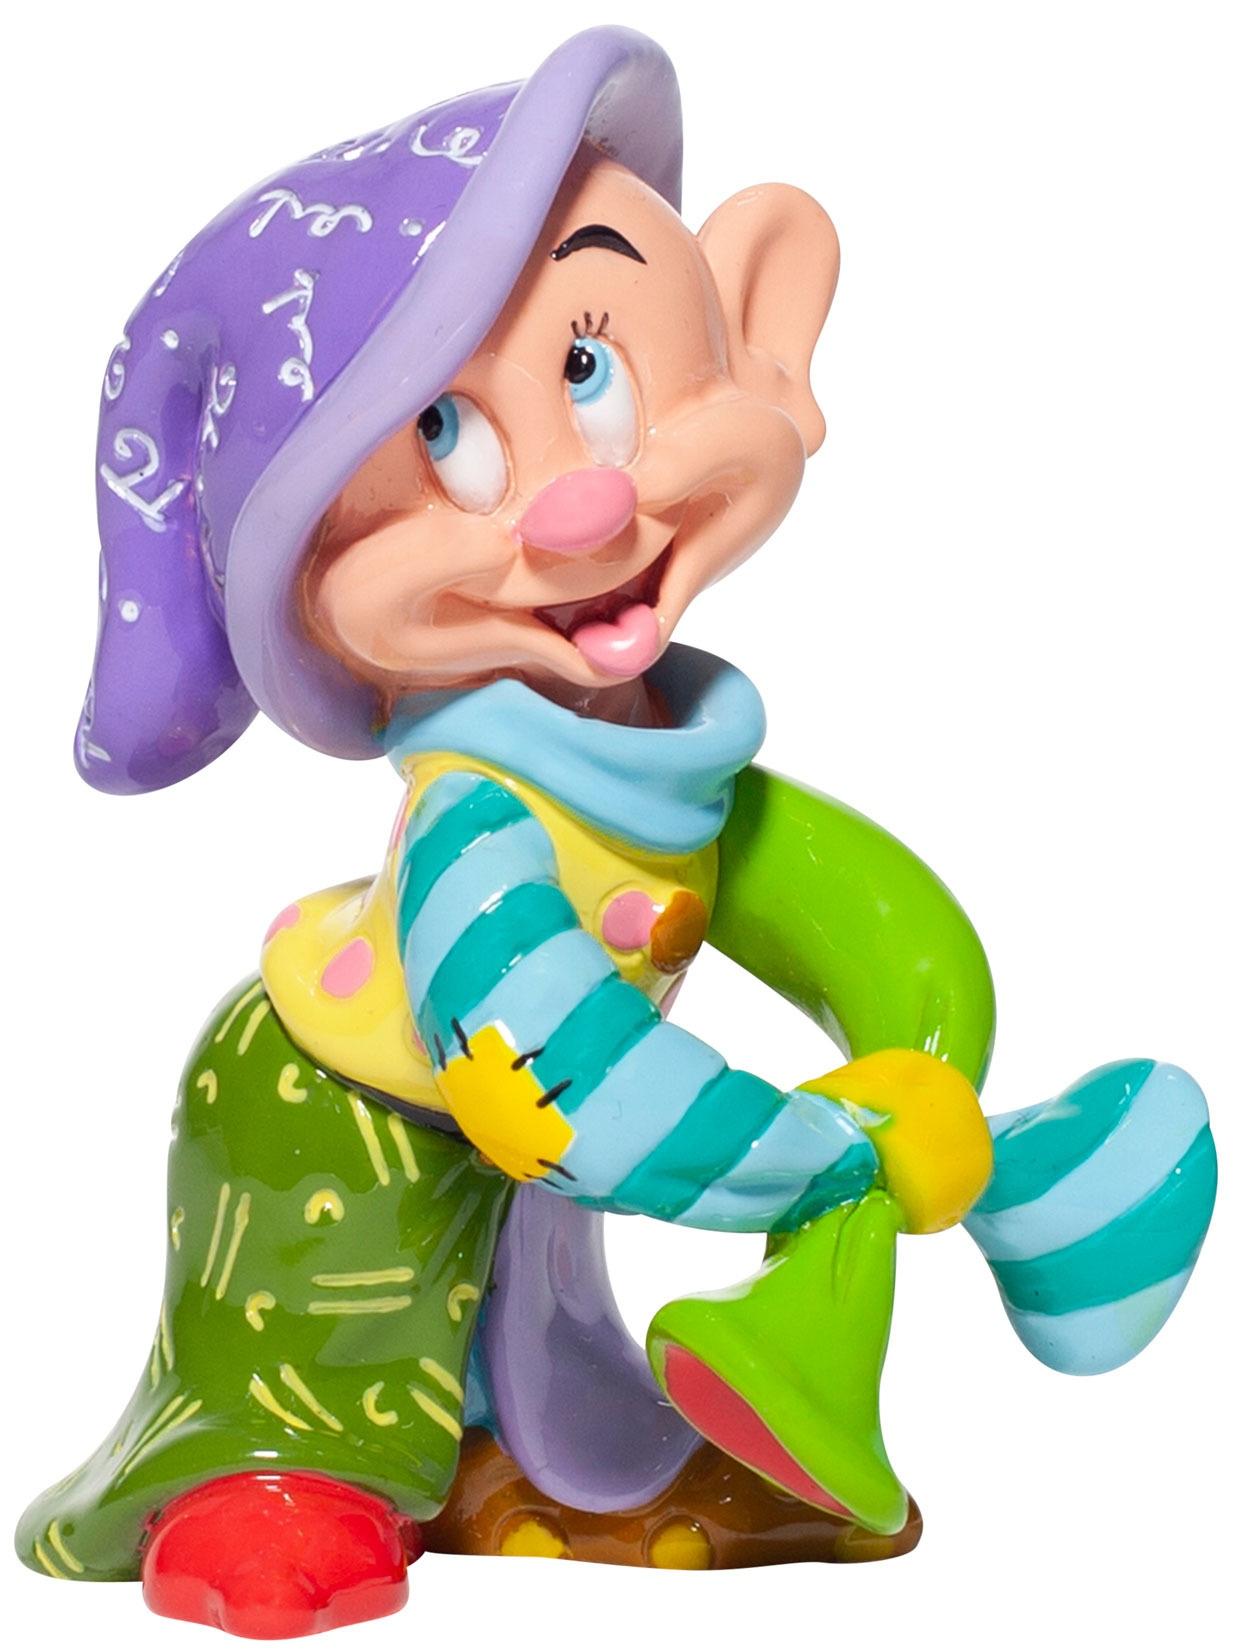 Disney by Britto 6007258 Dopey Mini Figurine